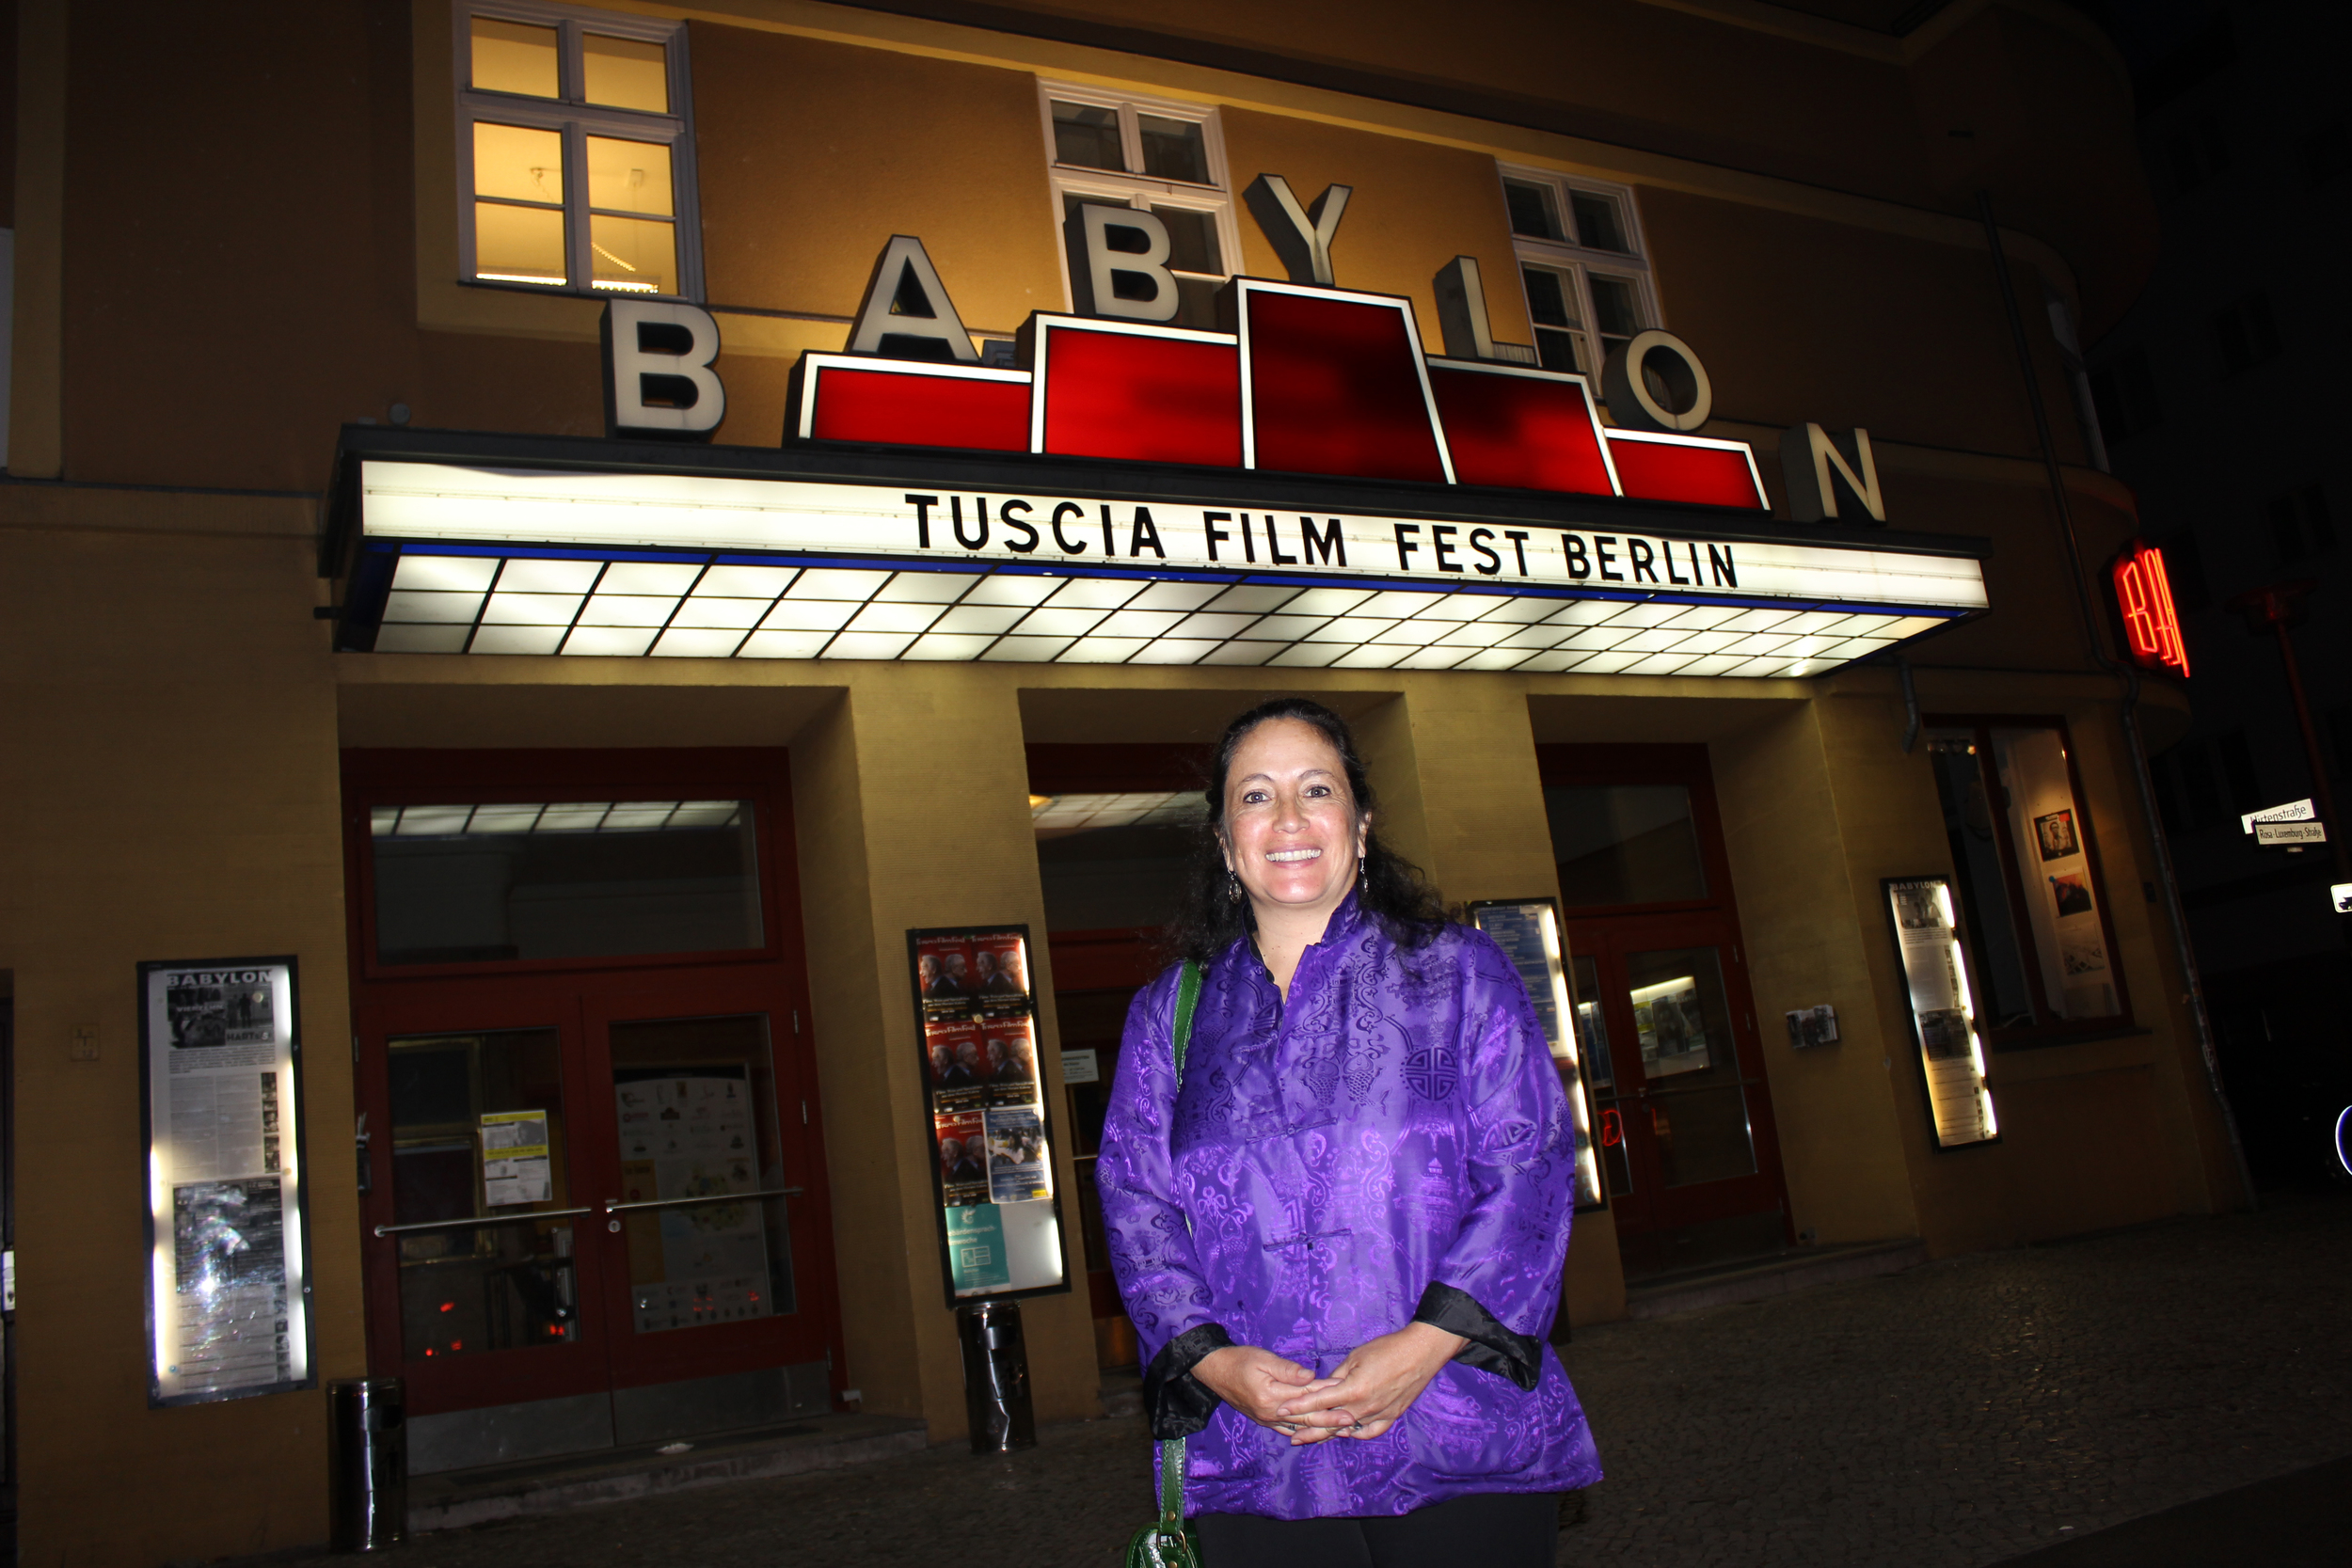 En asociación con Amnistía BerlínEl Eco se estrenó en Berlin en el cine Babylon, un lugar conocido por el cine documental independiente y político.  The Echo premiered in association with Amnesty Berlin at the Babylon Cinema, a well-known venue for independent and political documentary film.